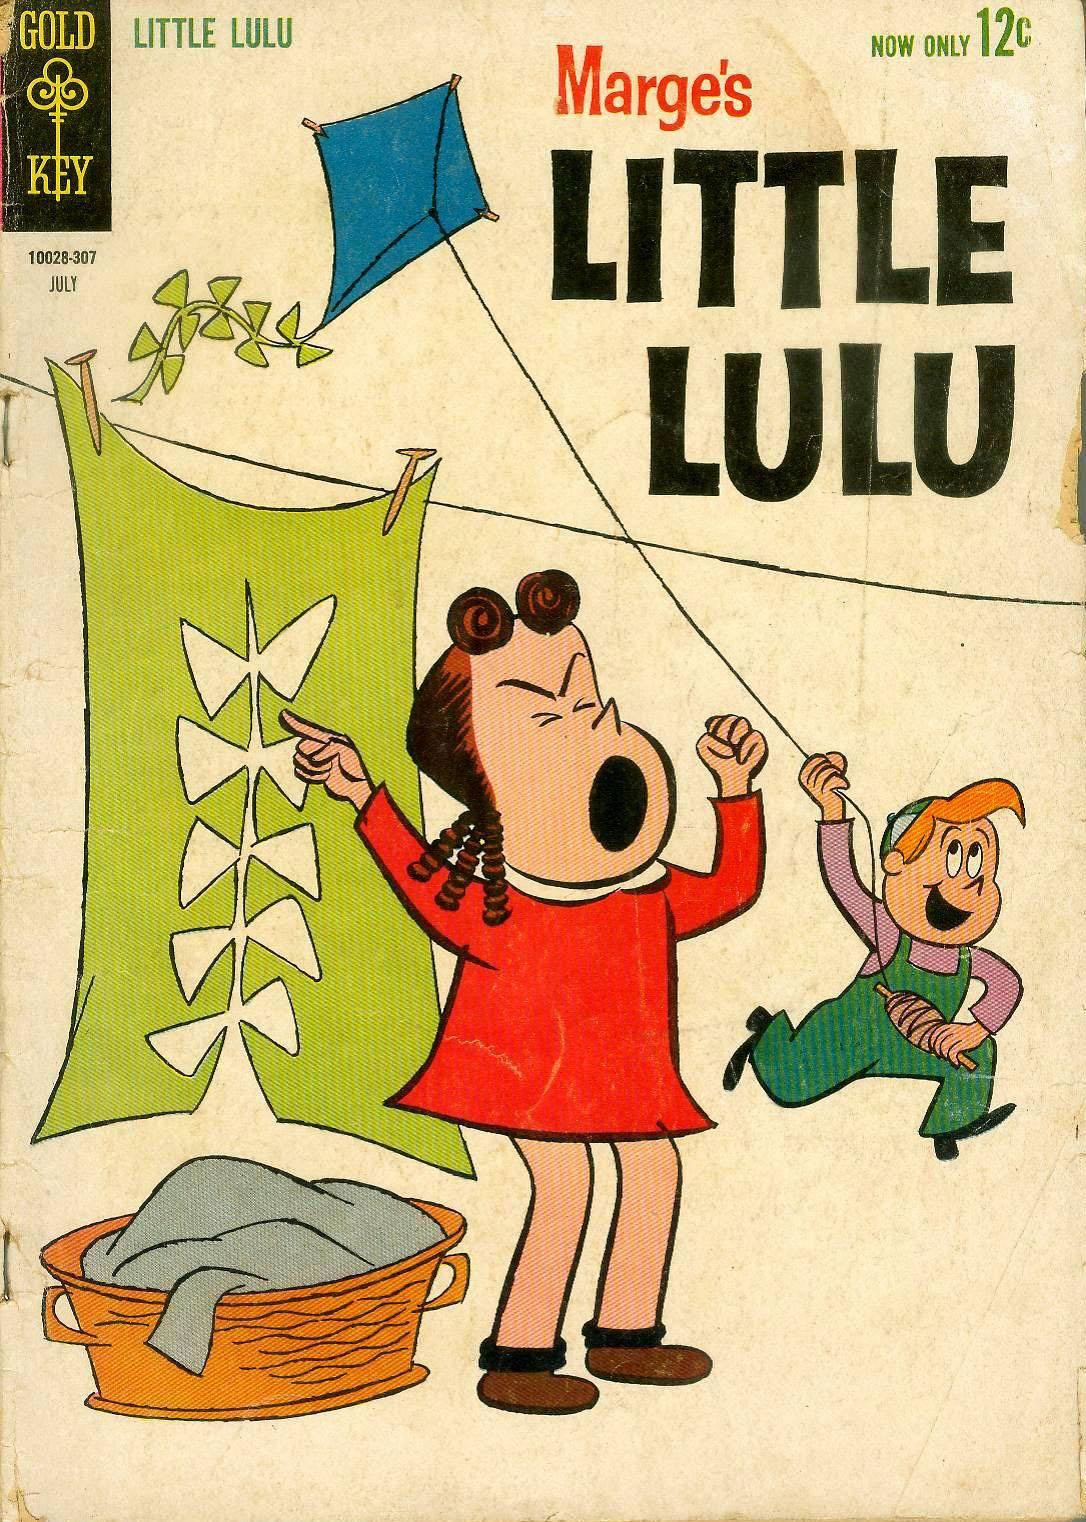 Little Lulu 1963-07 168